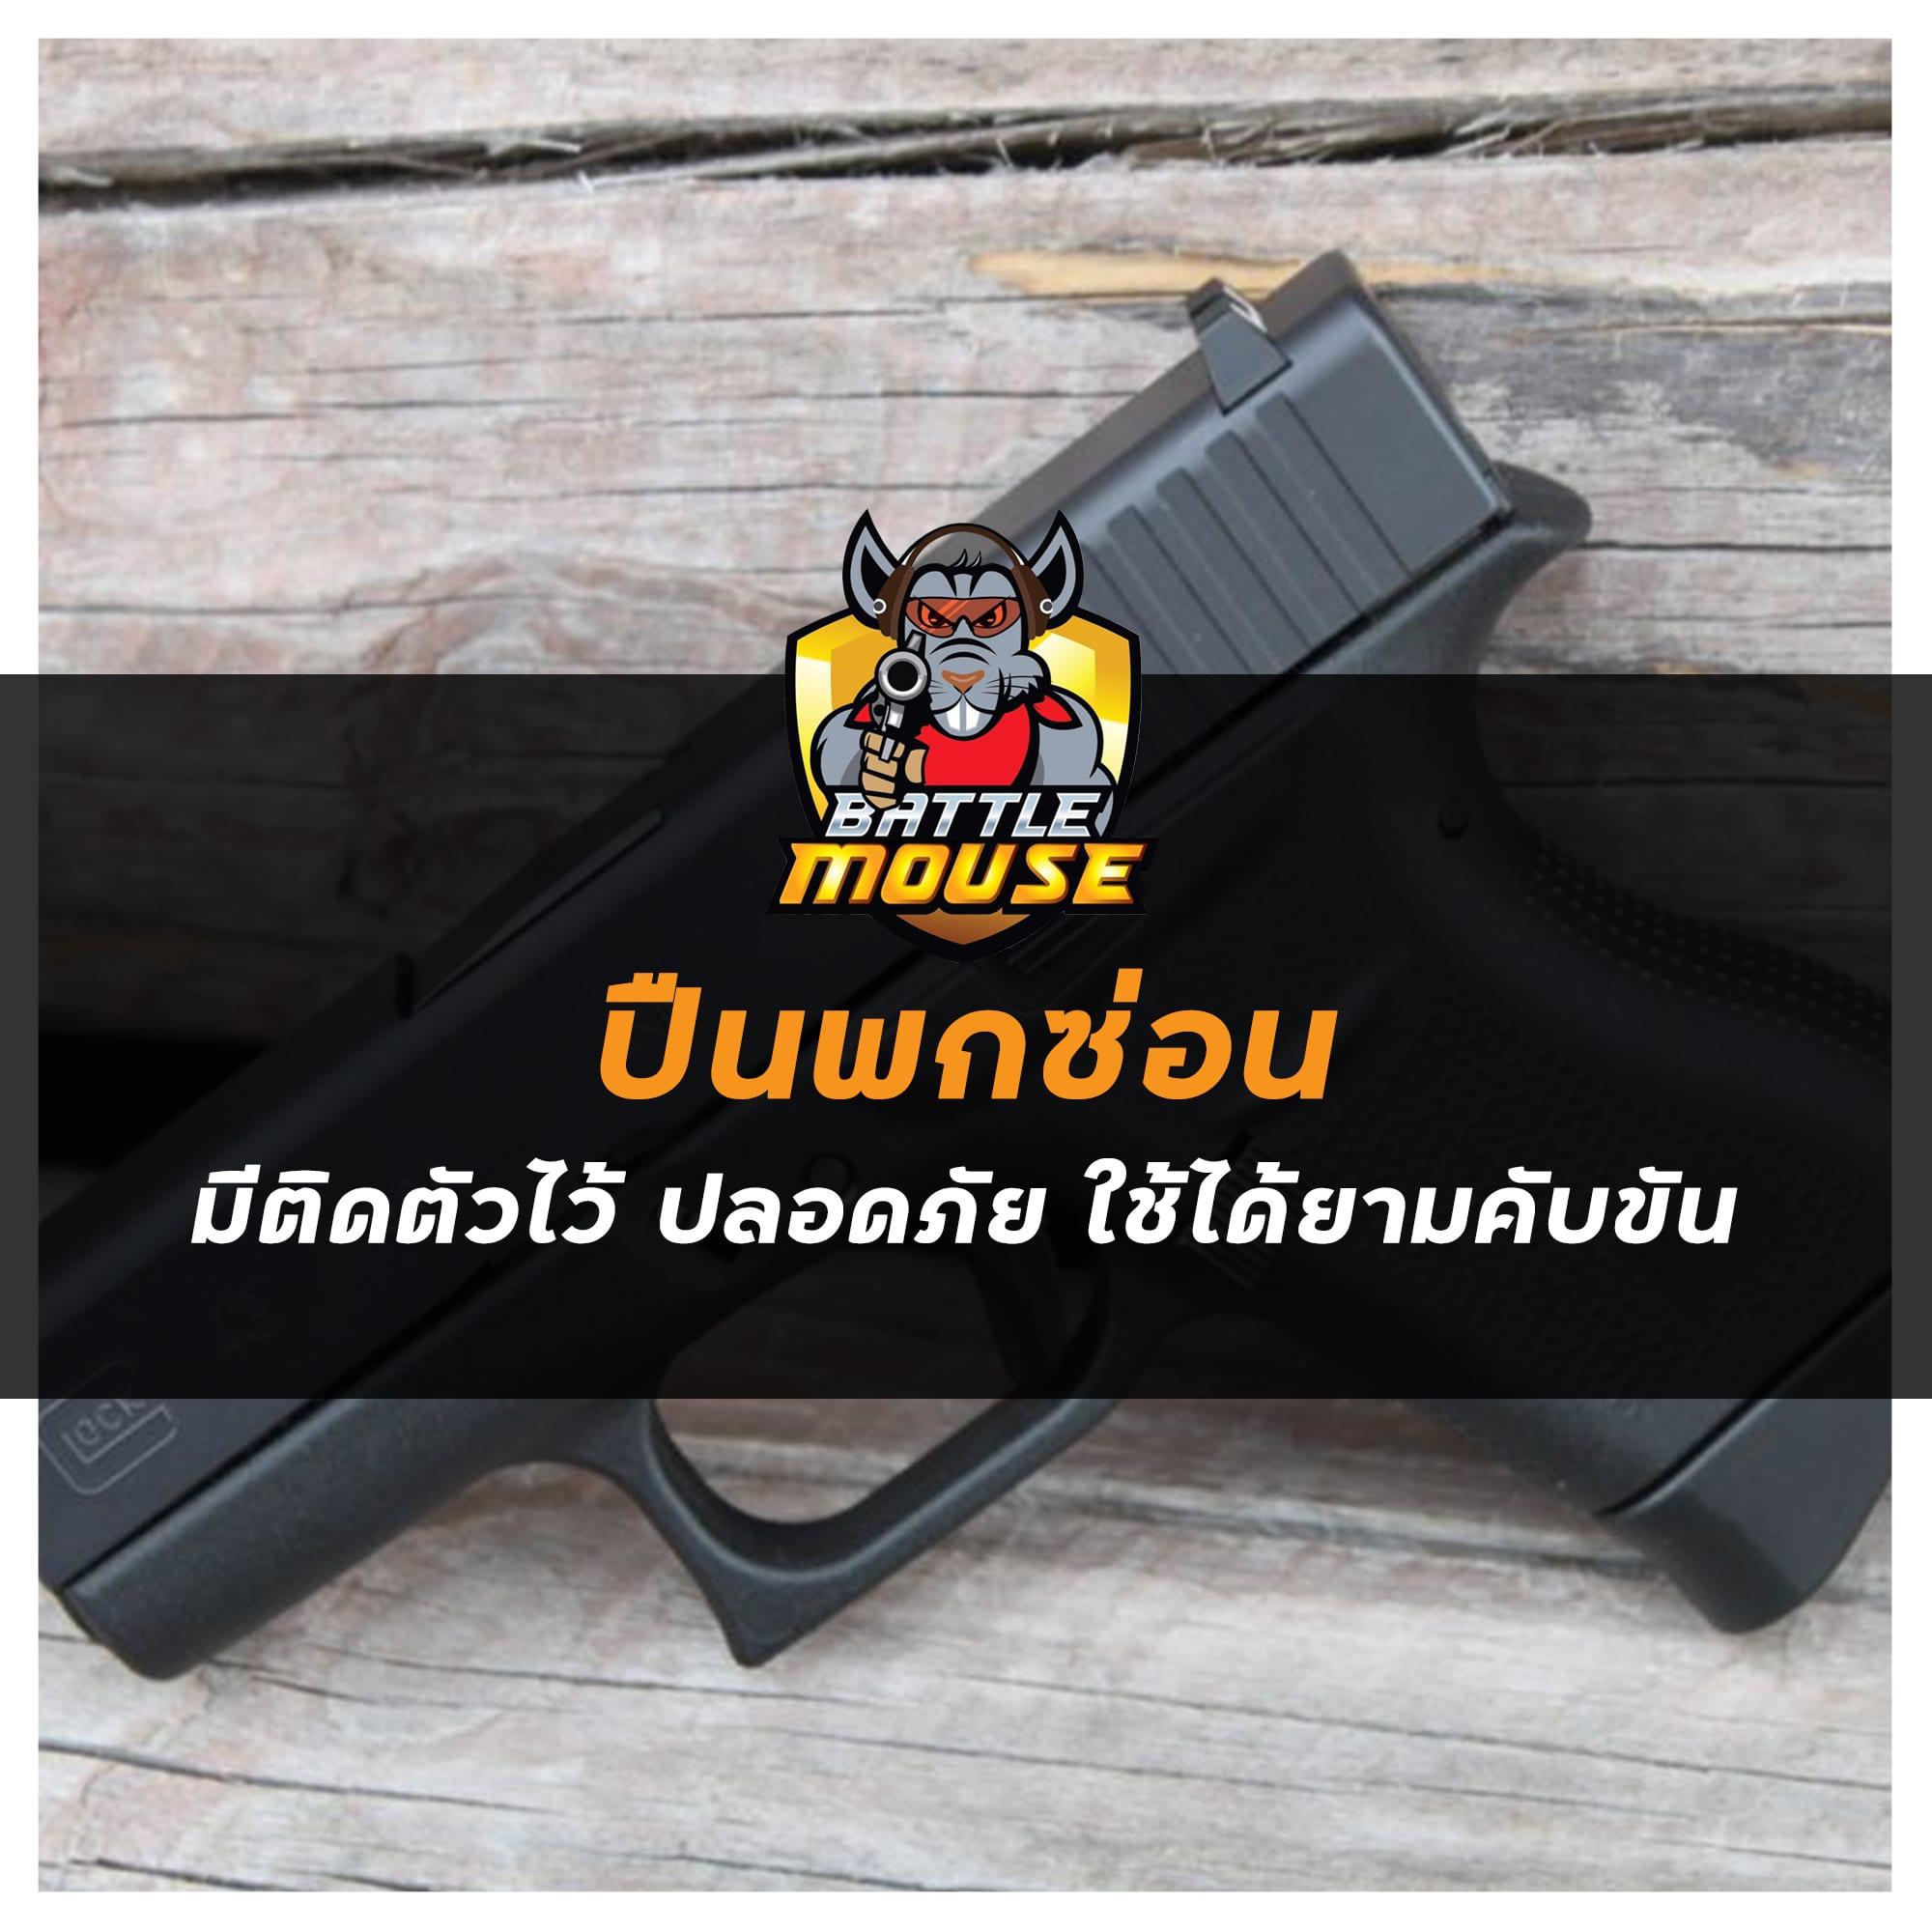 ปืนพกซ่อน มีติดตัวไว้ ปลอดภัย ใช้ได้ยามคับขัน